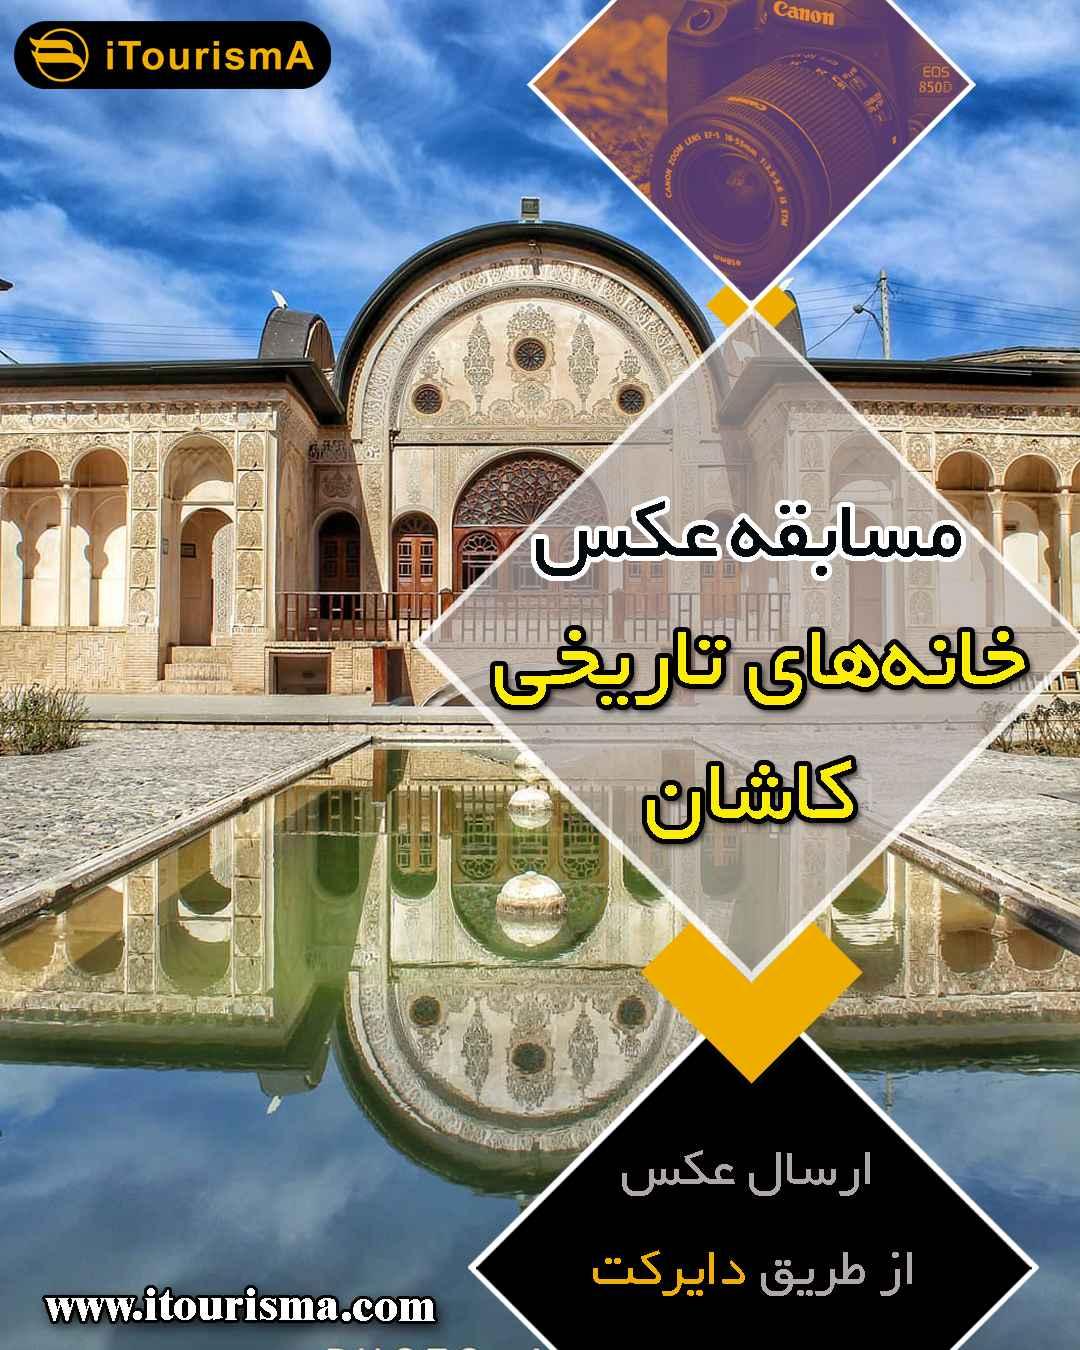 فراخوان مسابقه عکس خانه های تاریخی کاشان